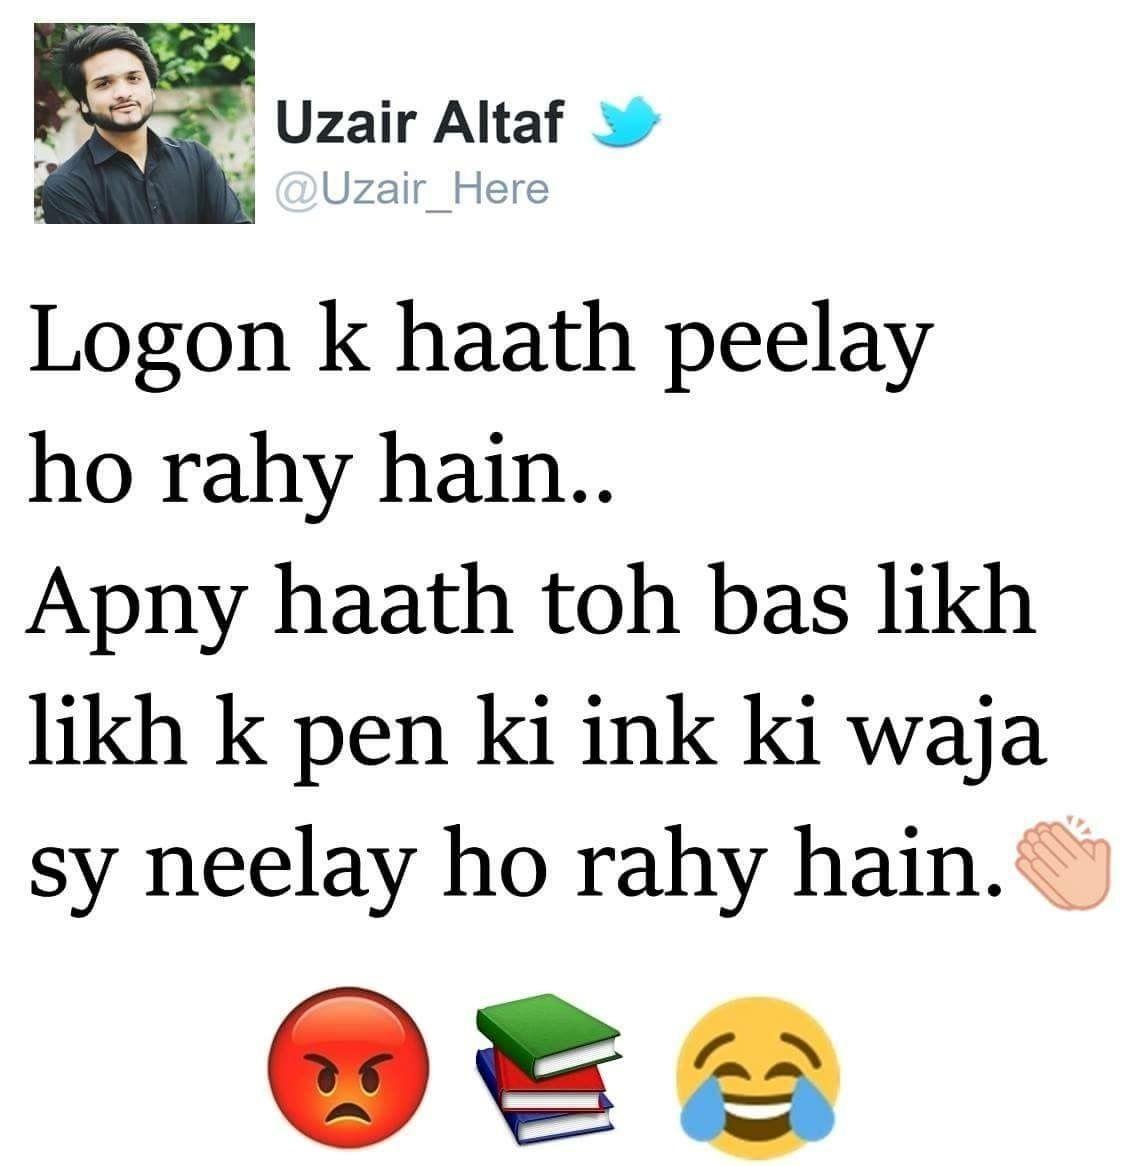 Hahahha Itta Parhte Hai Hum Funny Study Quotes Very Funny Jokes Some Funny Jokes